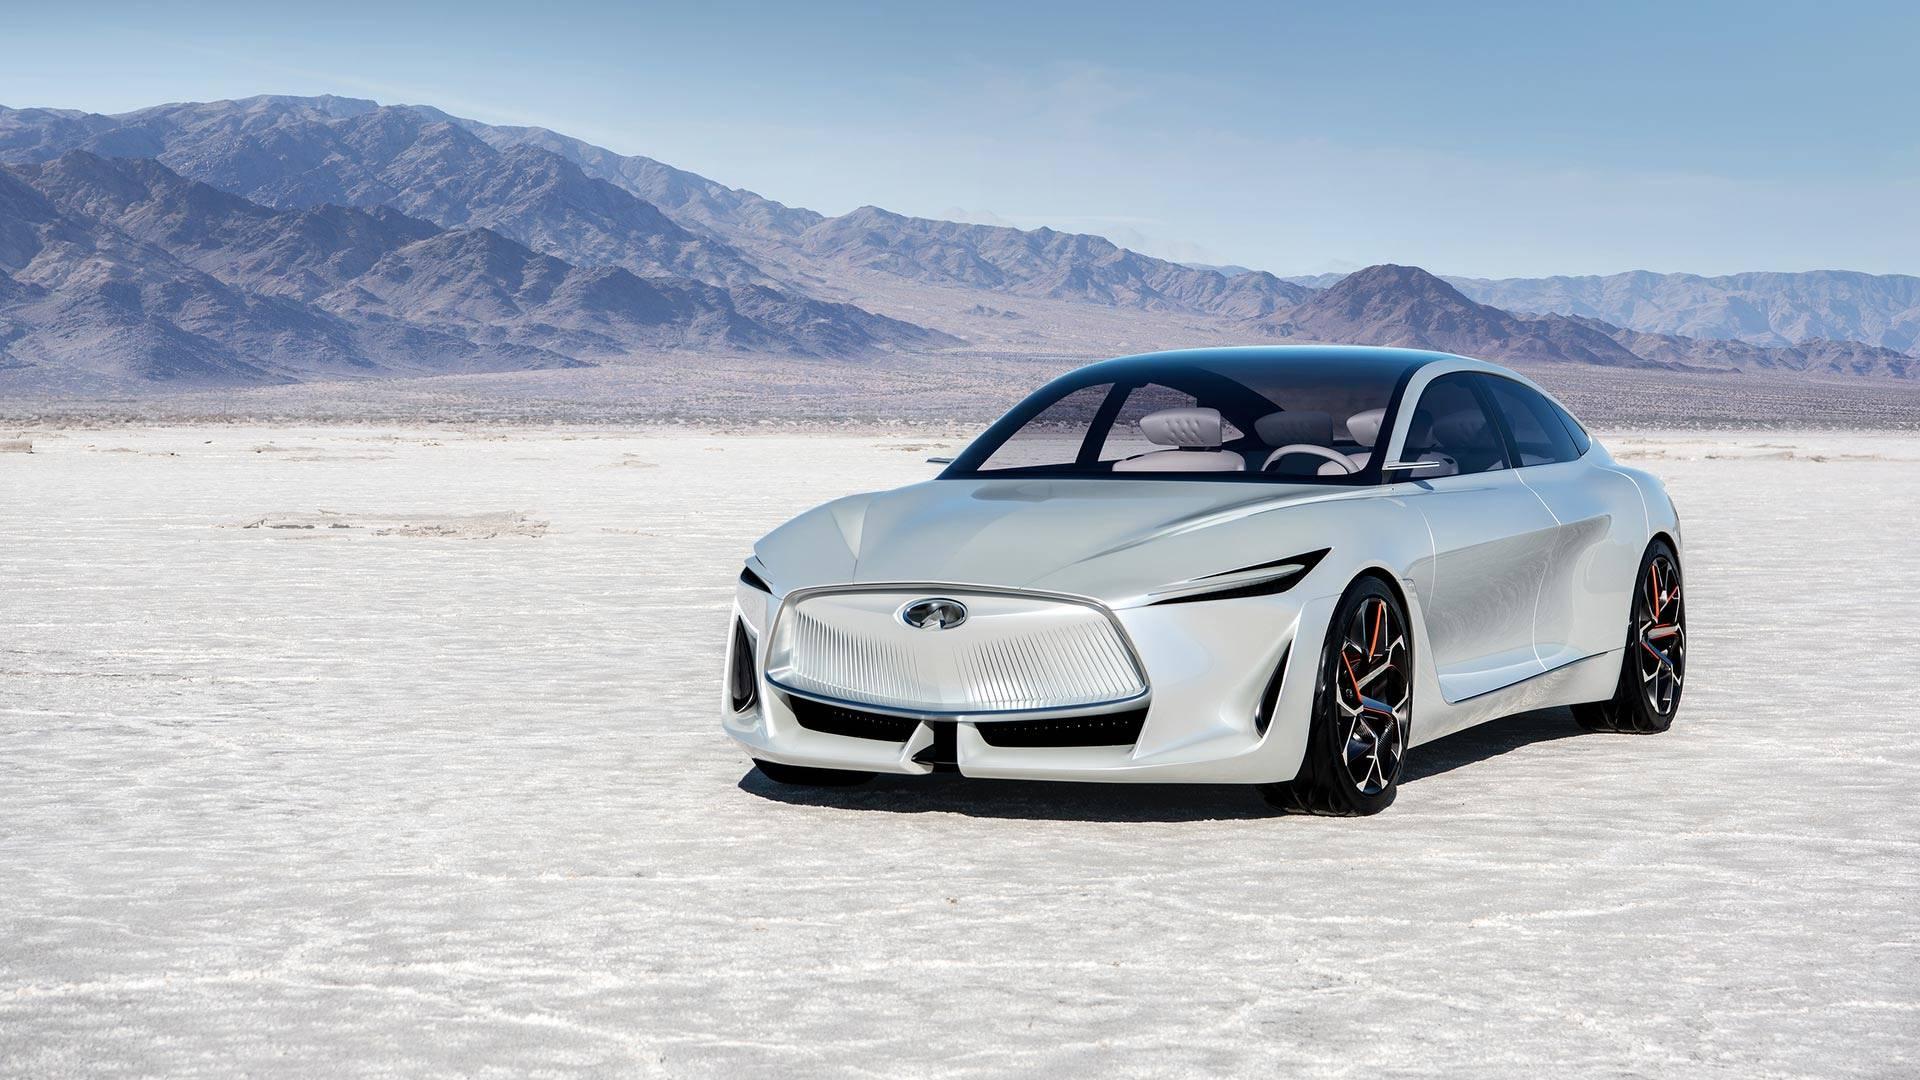 号称世界第一款发动机!全新英菲尼迪q inspiration概念车将发布